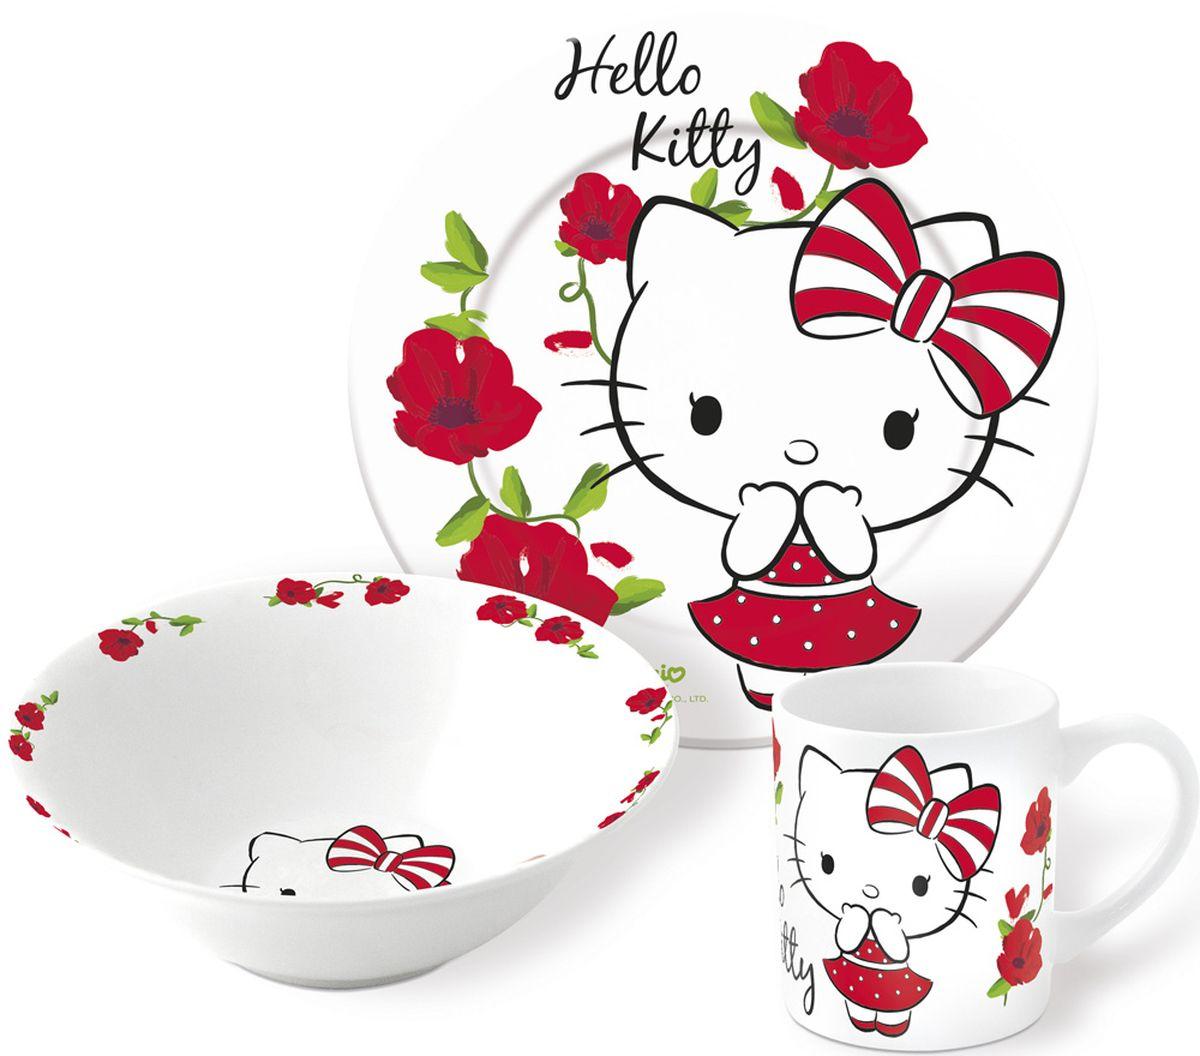 Hello Kitty Набор детской посуды 3 предмета46265Набор детской посуды Hello Kitty состоит из кружки и двух тарелок, изготовленных из ударопрочной керамики. Предметы набора оформлены изображением кошечки Hello Kitty. Такой набор привлечет внимание вашего ребенка и не позволит ему скучать. Яркий дизайн посуды превратит прием пищи ребенка в увлекательное занятие.Предметы набора можно мыть в посудомоечной машине.